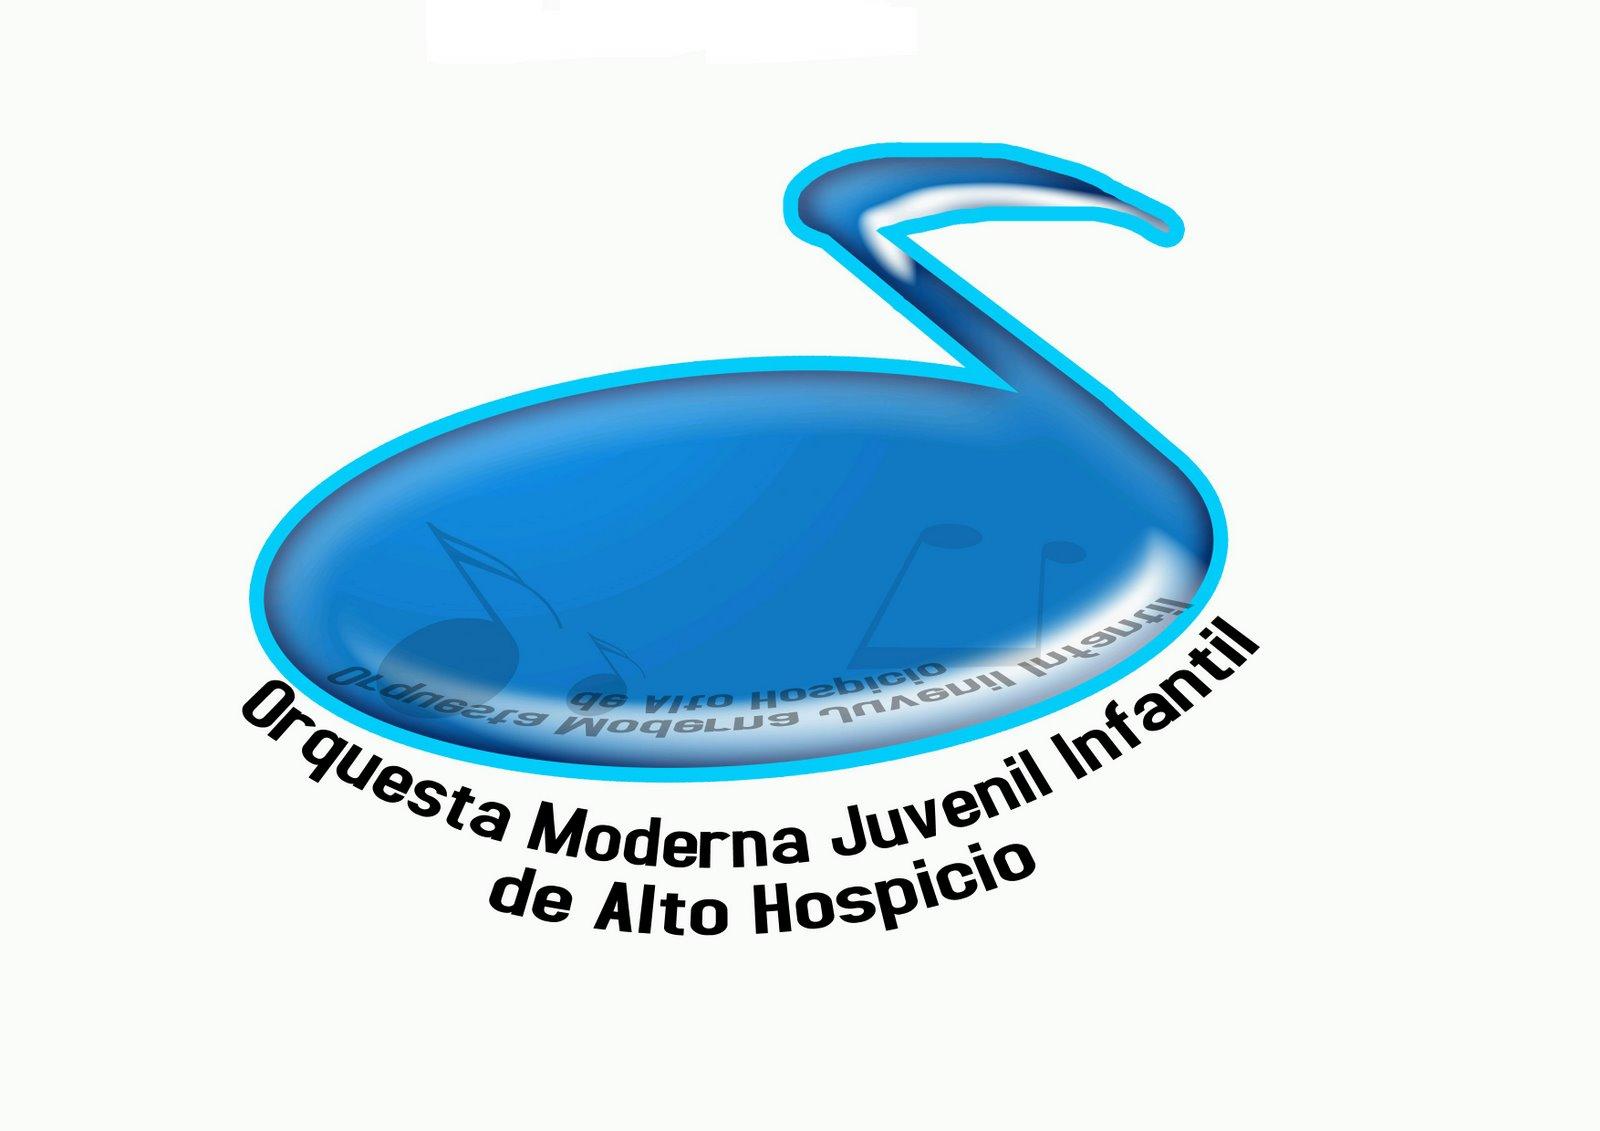 Logo de la Orquesta Moderna Juvenil Infantil